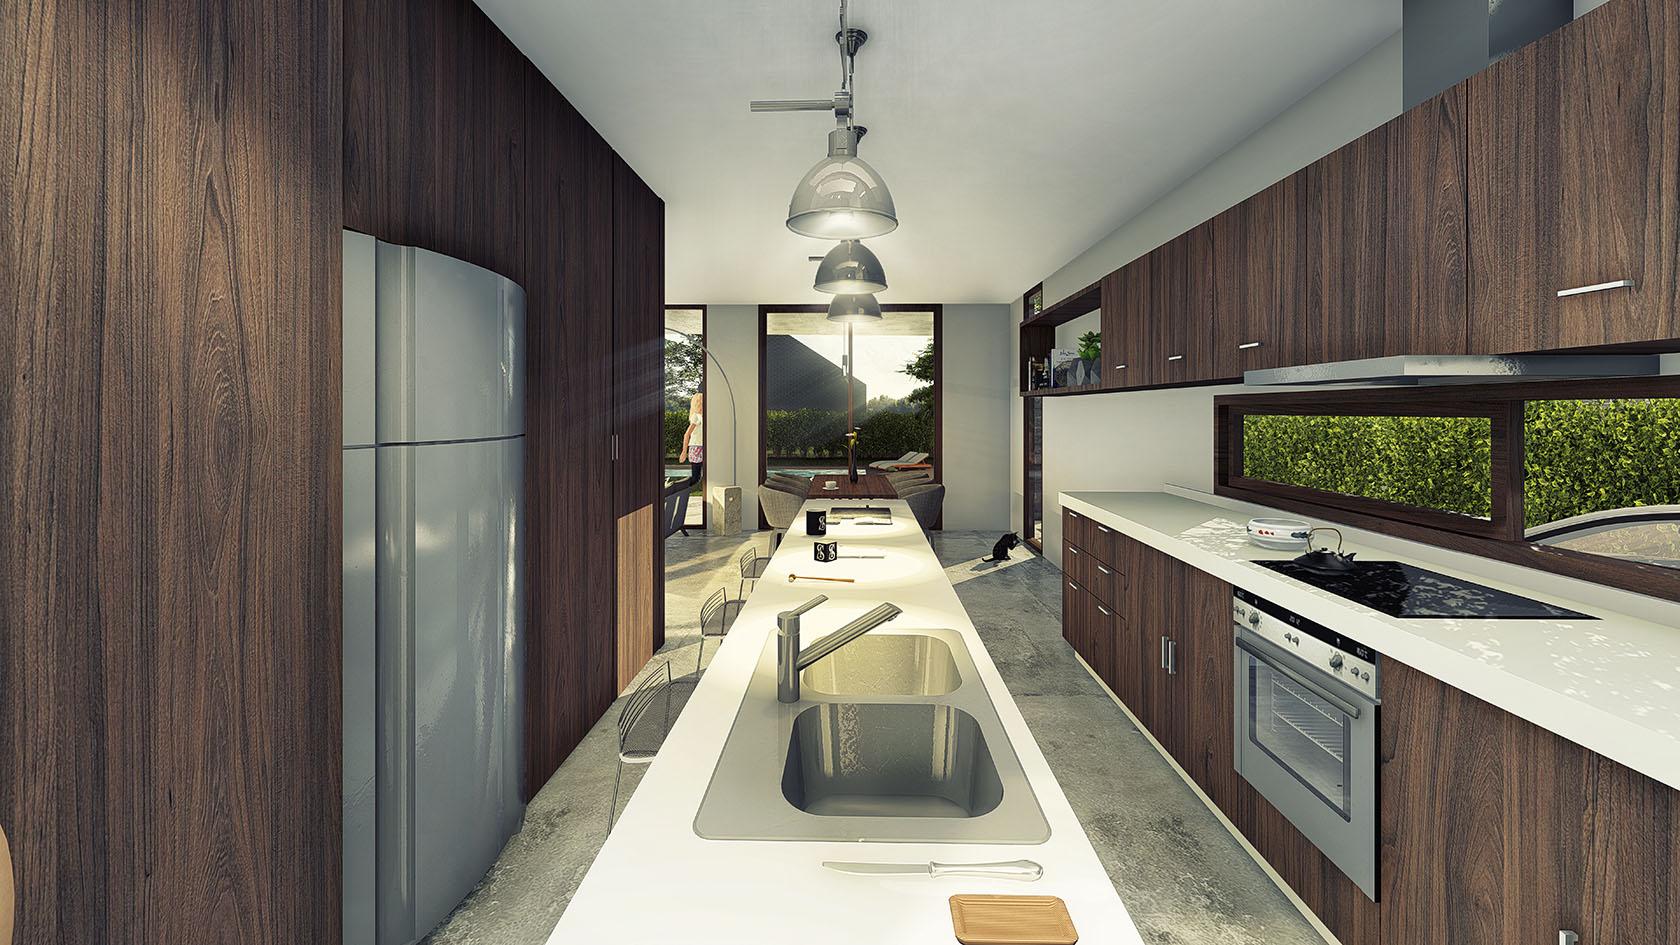 Vista interior cocina, diseño de cocinas modernas, cocinas con revestimiento de madera, cocinas con islas